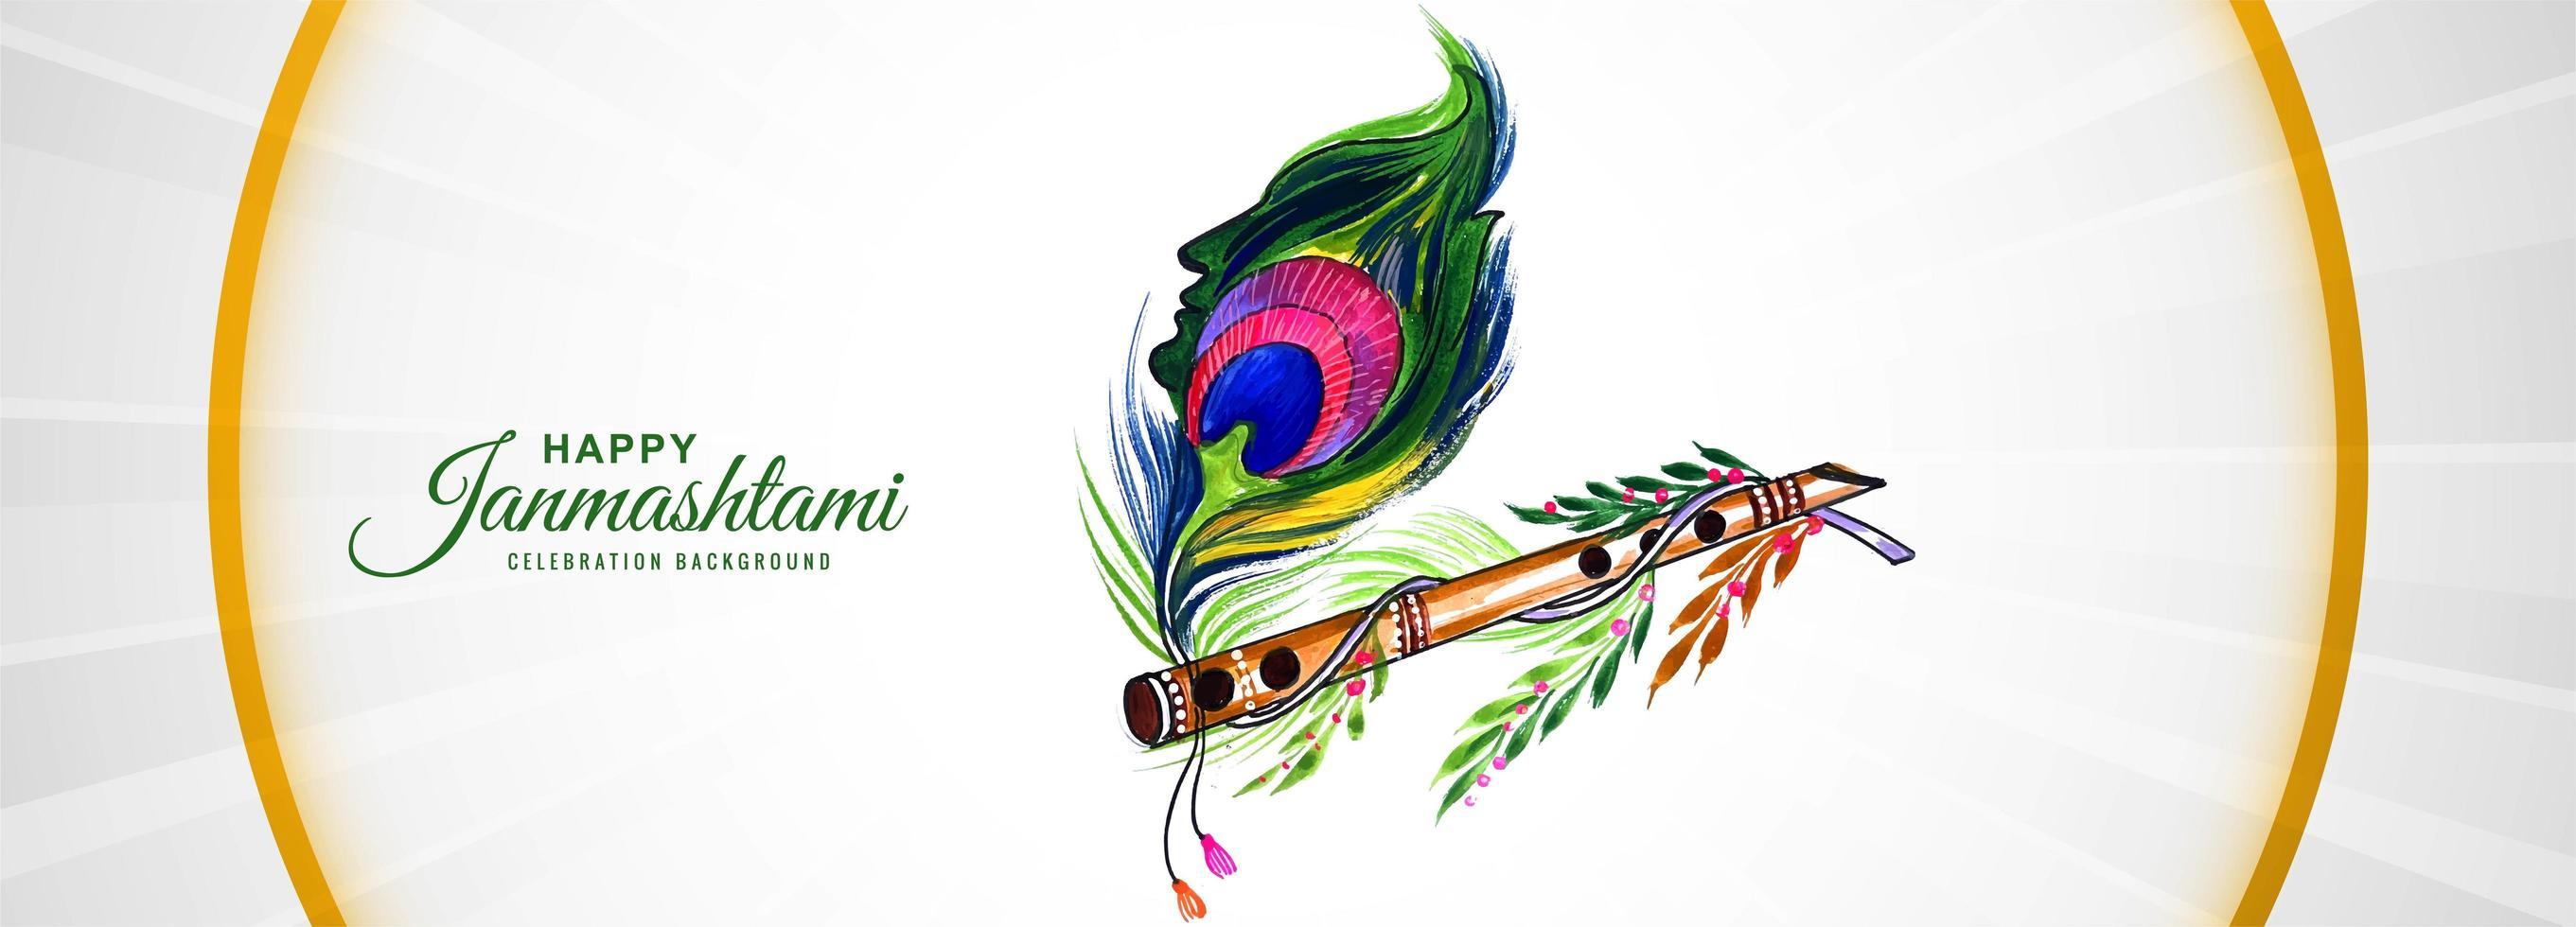 shree krishna janmashtami festival banner bakgrund vektor